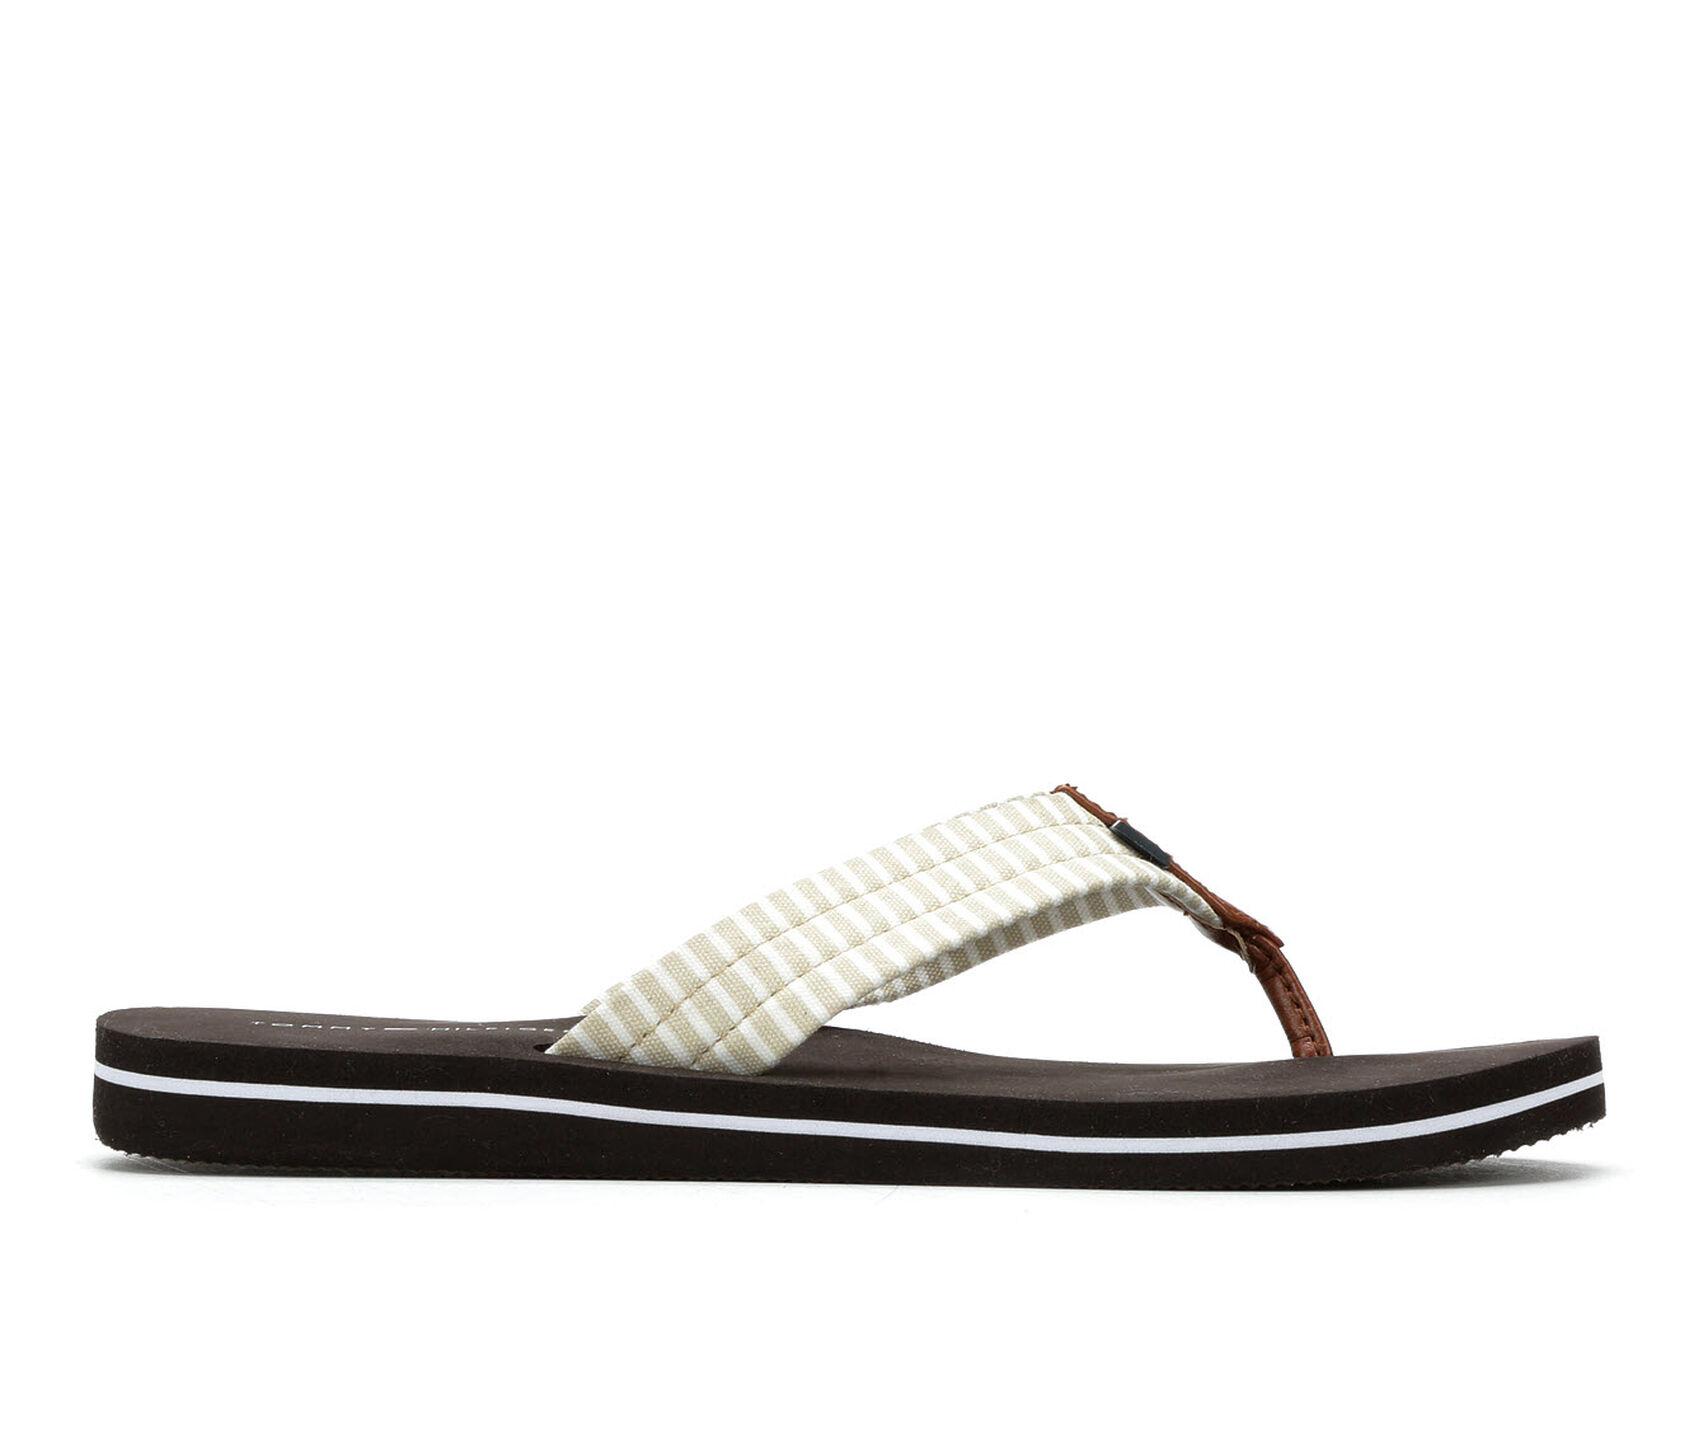 ad82825507 Women's Tommy Hilfiger Craft Sandals